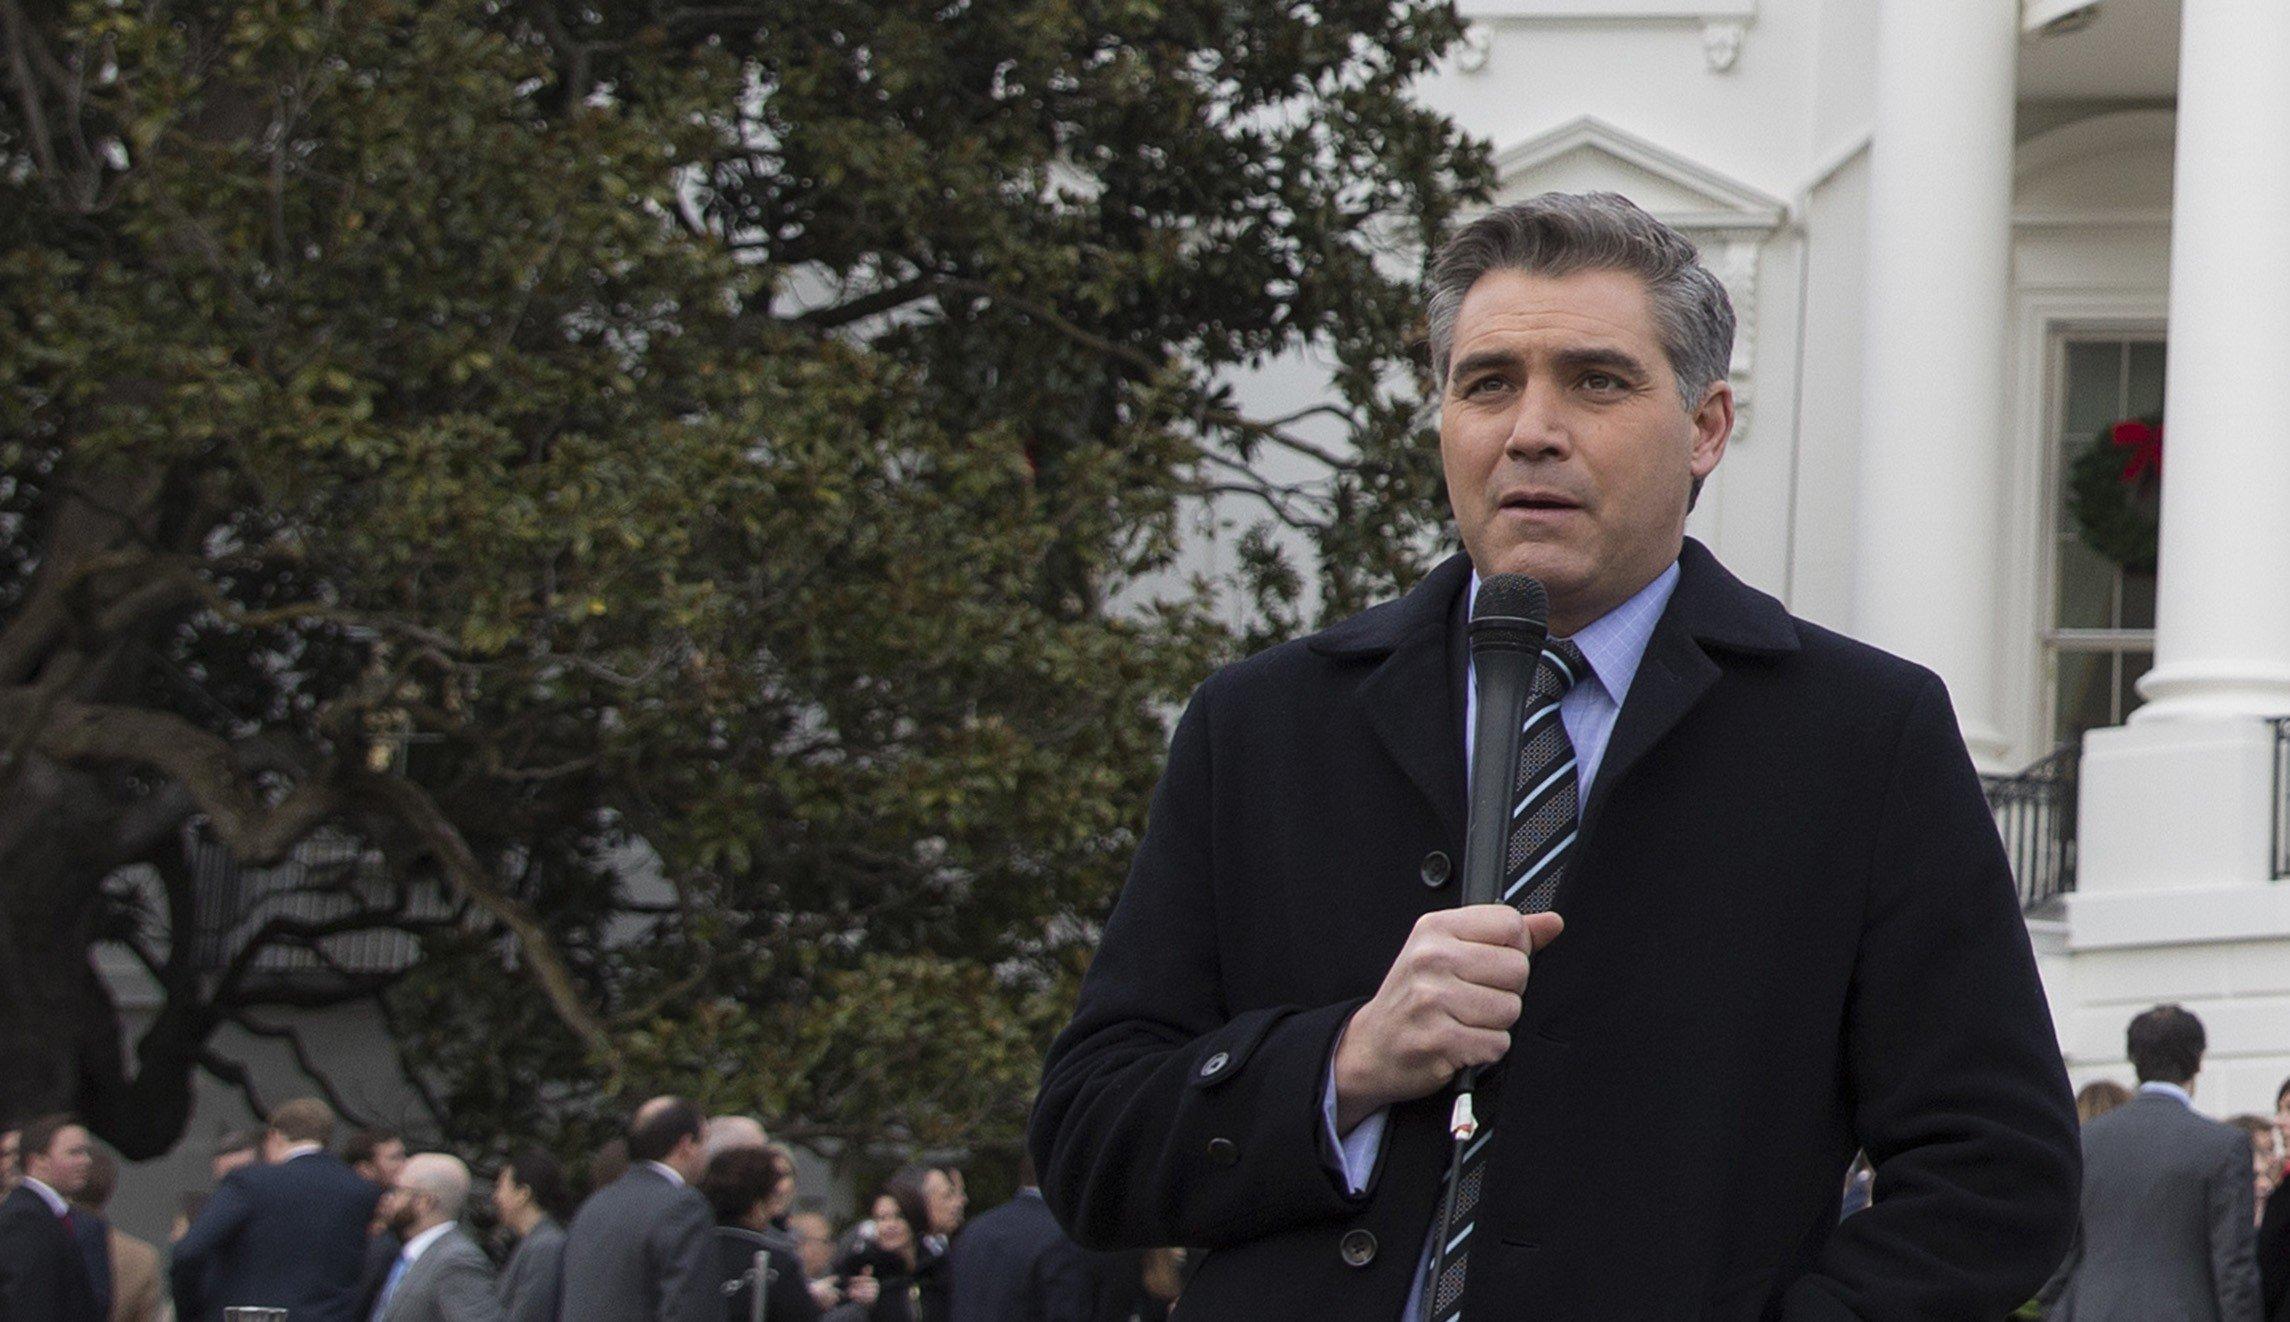 Διαταγή δικαστηρίου στον Λευκό Οίκο να επαναφέρει τη διαπίστευση δημοσιογράφου του CNN